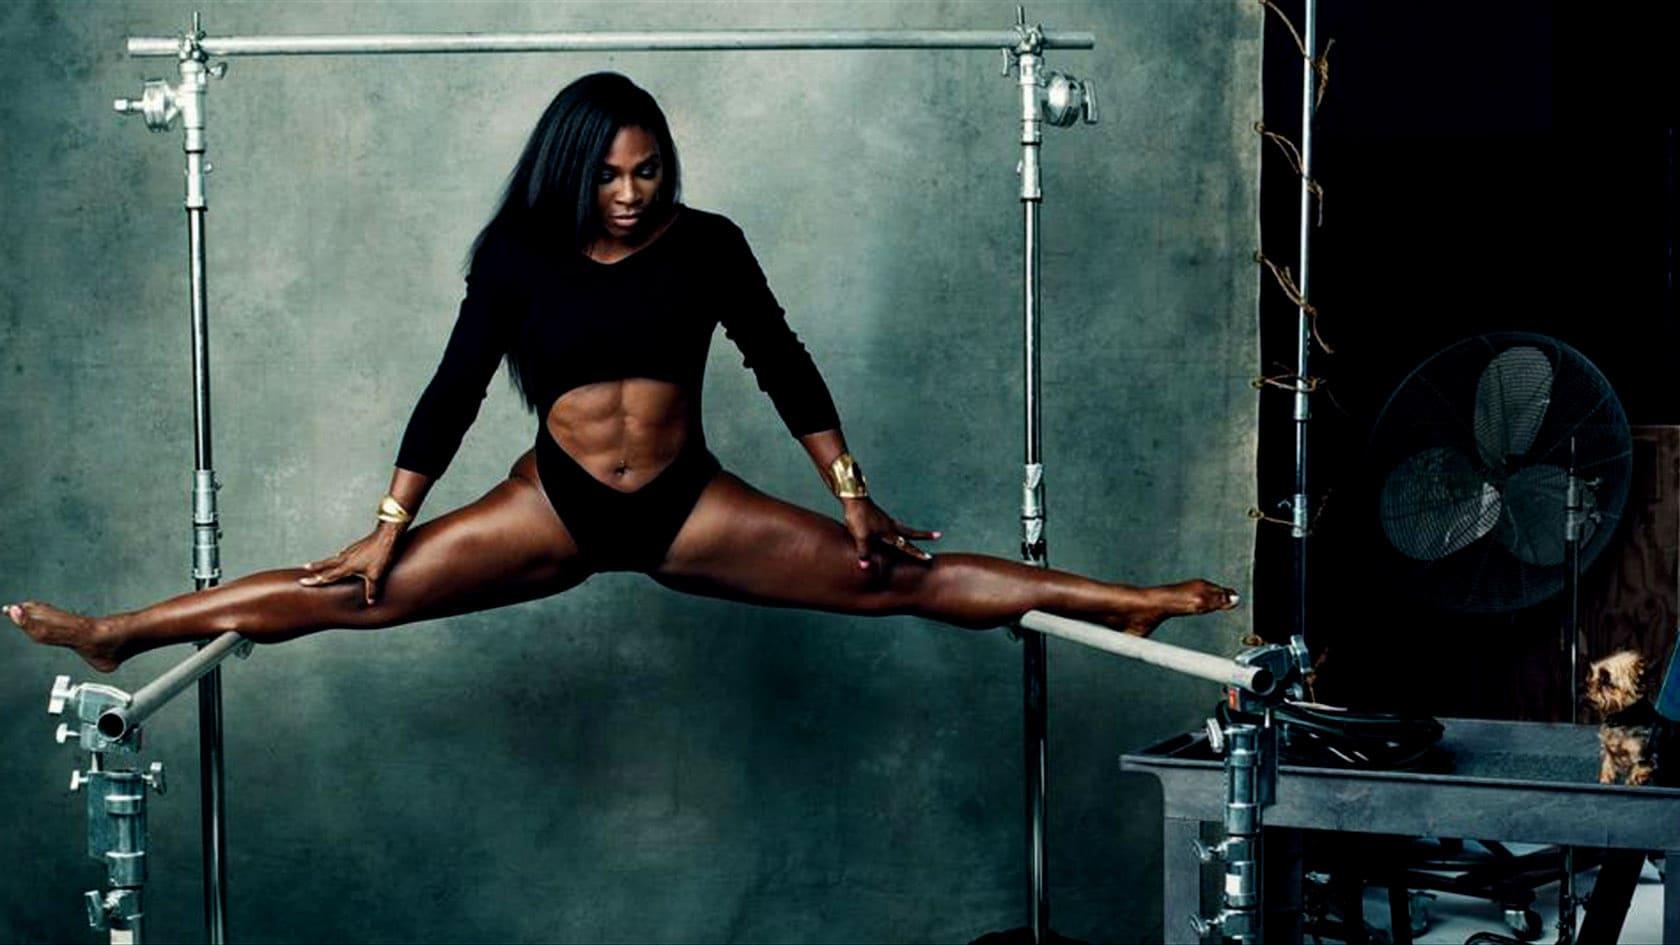 Серена Уильямс занимается гимнастикой